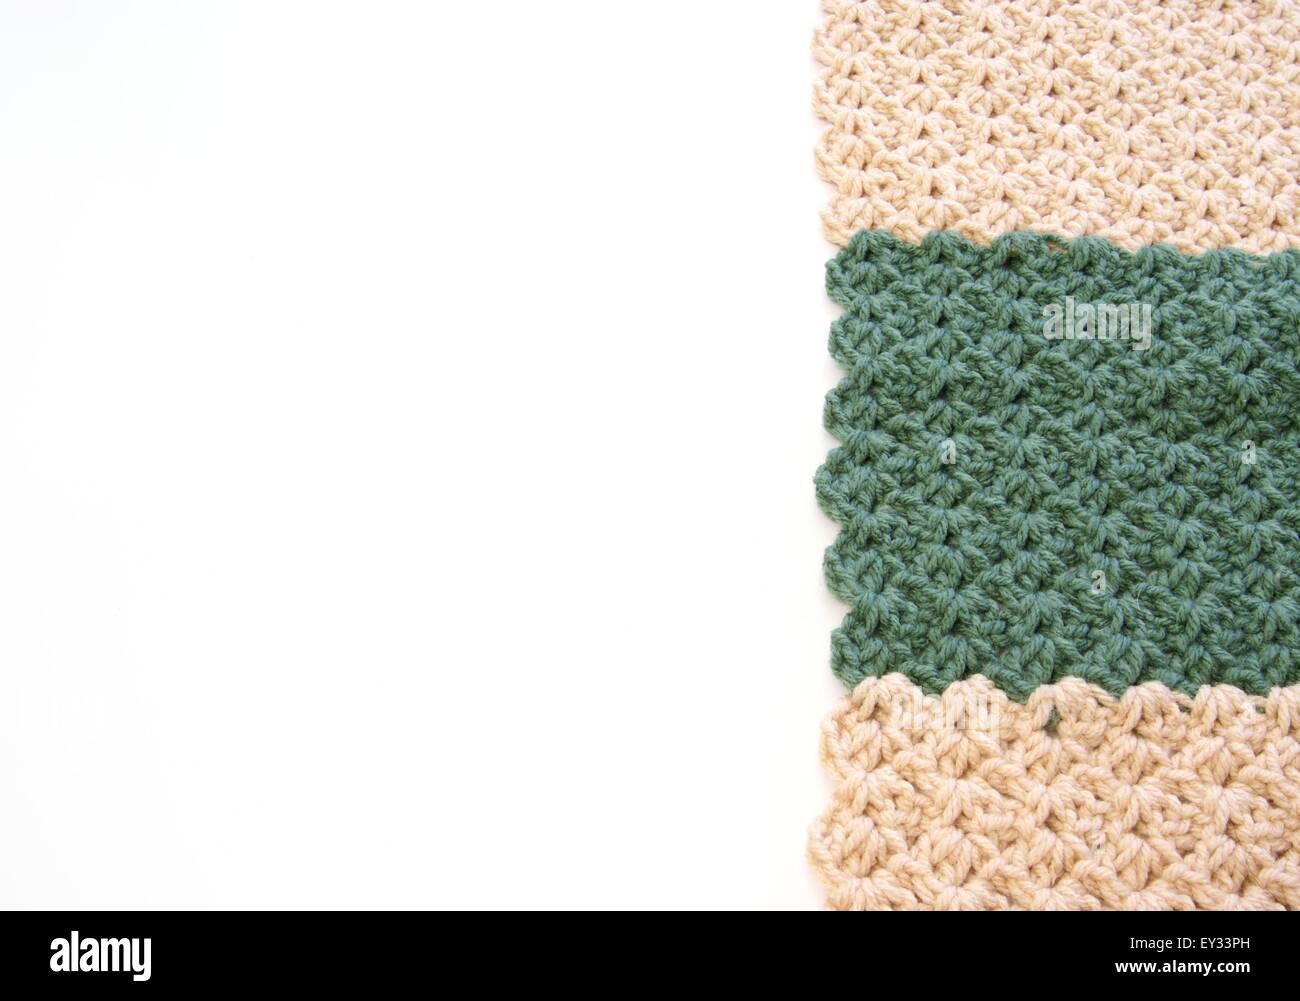 Crochet Texture Imágenes De Stock & Crochet Texture Fotos De Stock ...